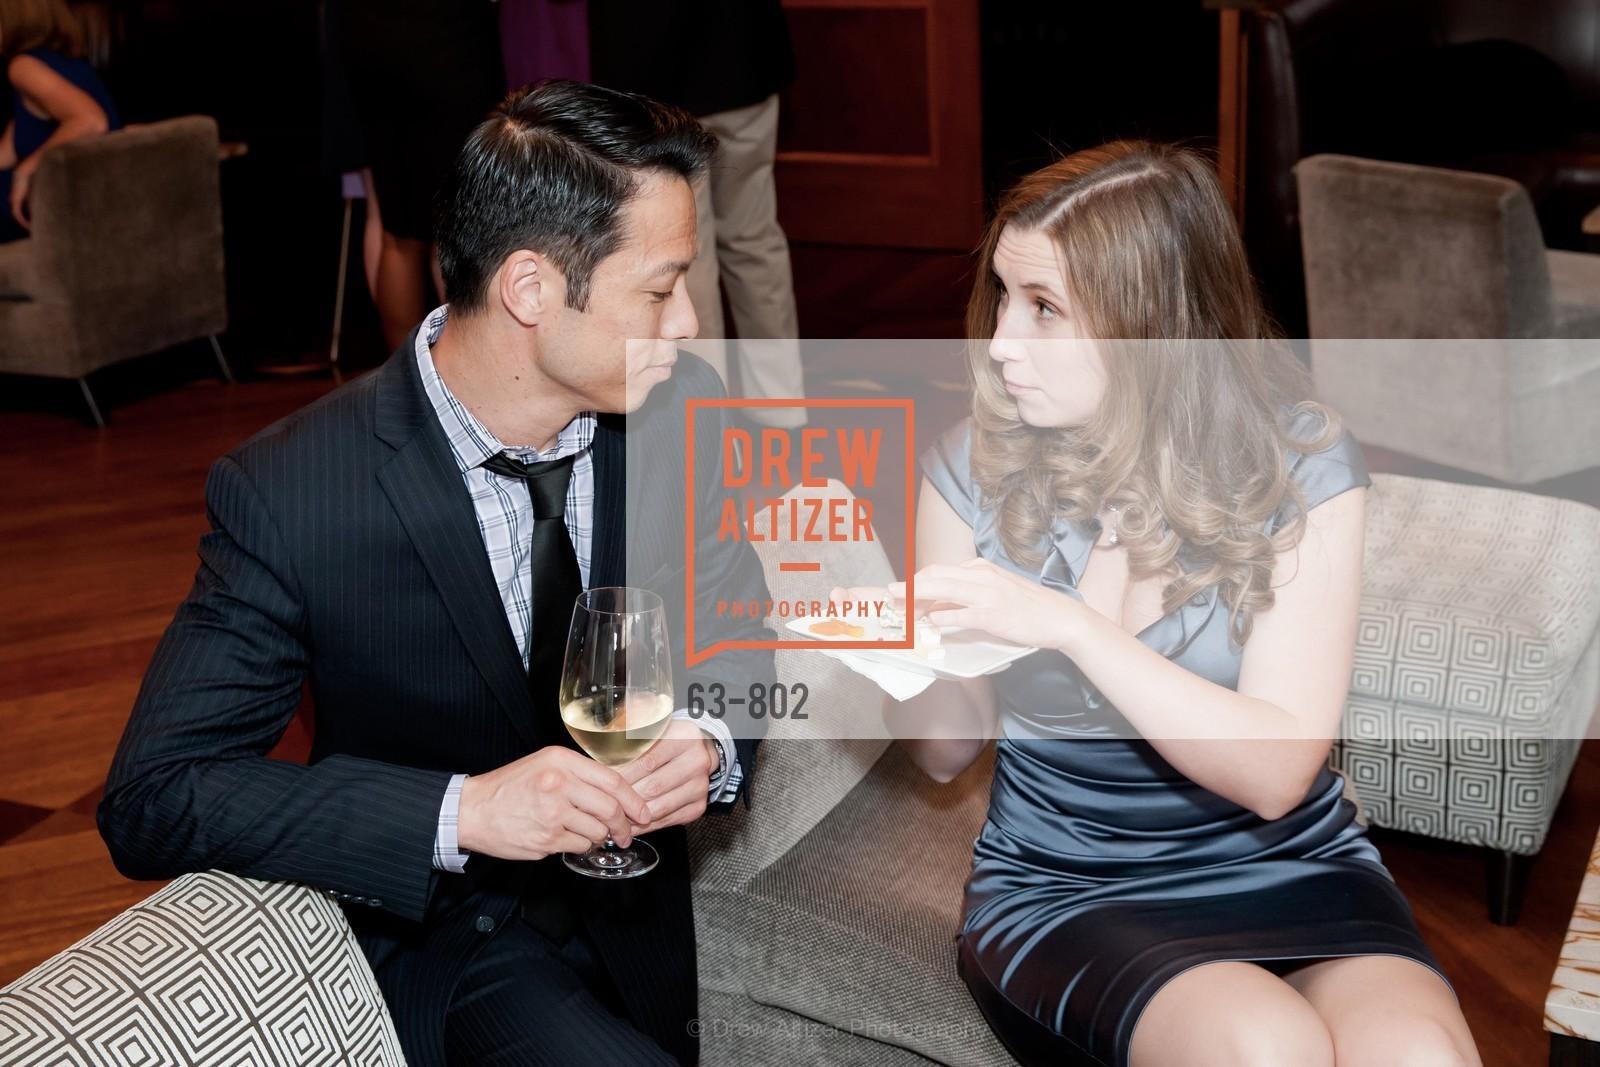 Ryan Lee, Olga Tsepalova, Photo #63-802